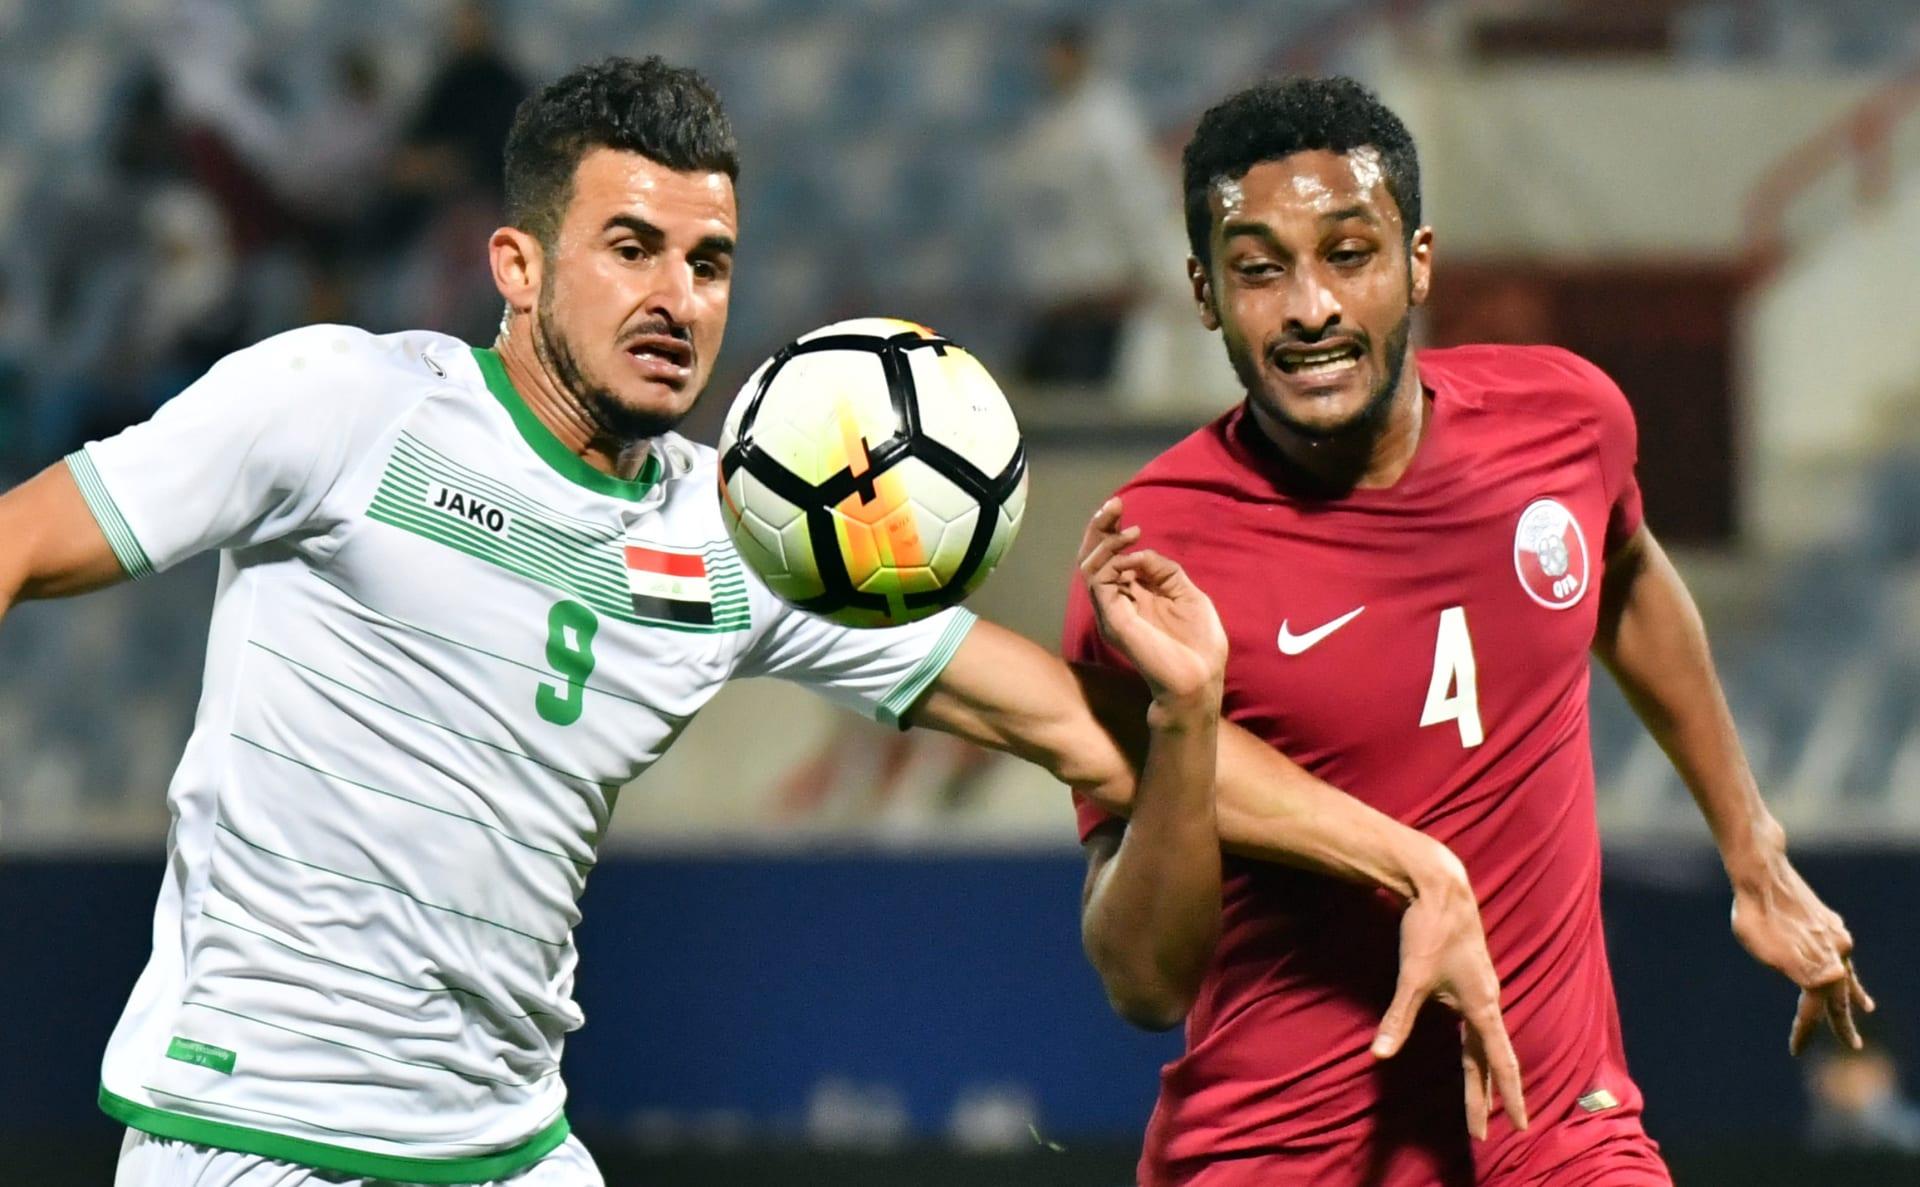 العقدة تستمر.. قطر لم تفز على العراق في كأس الخليج منذ 33 عاما